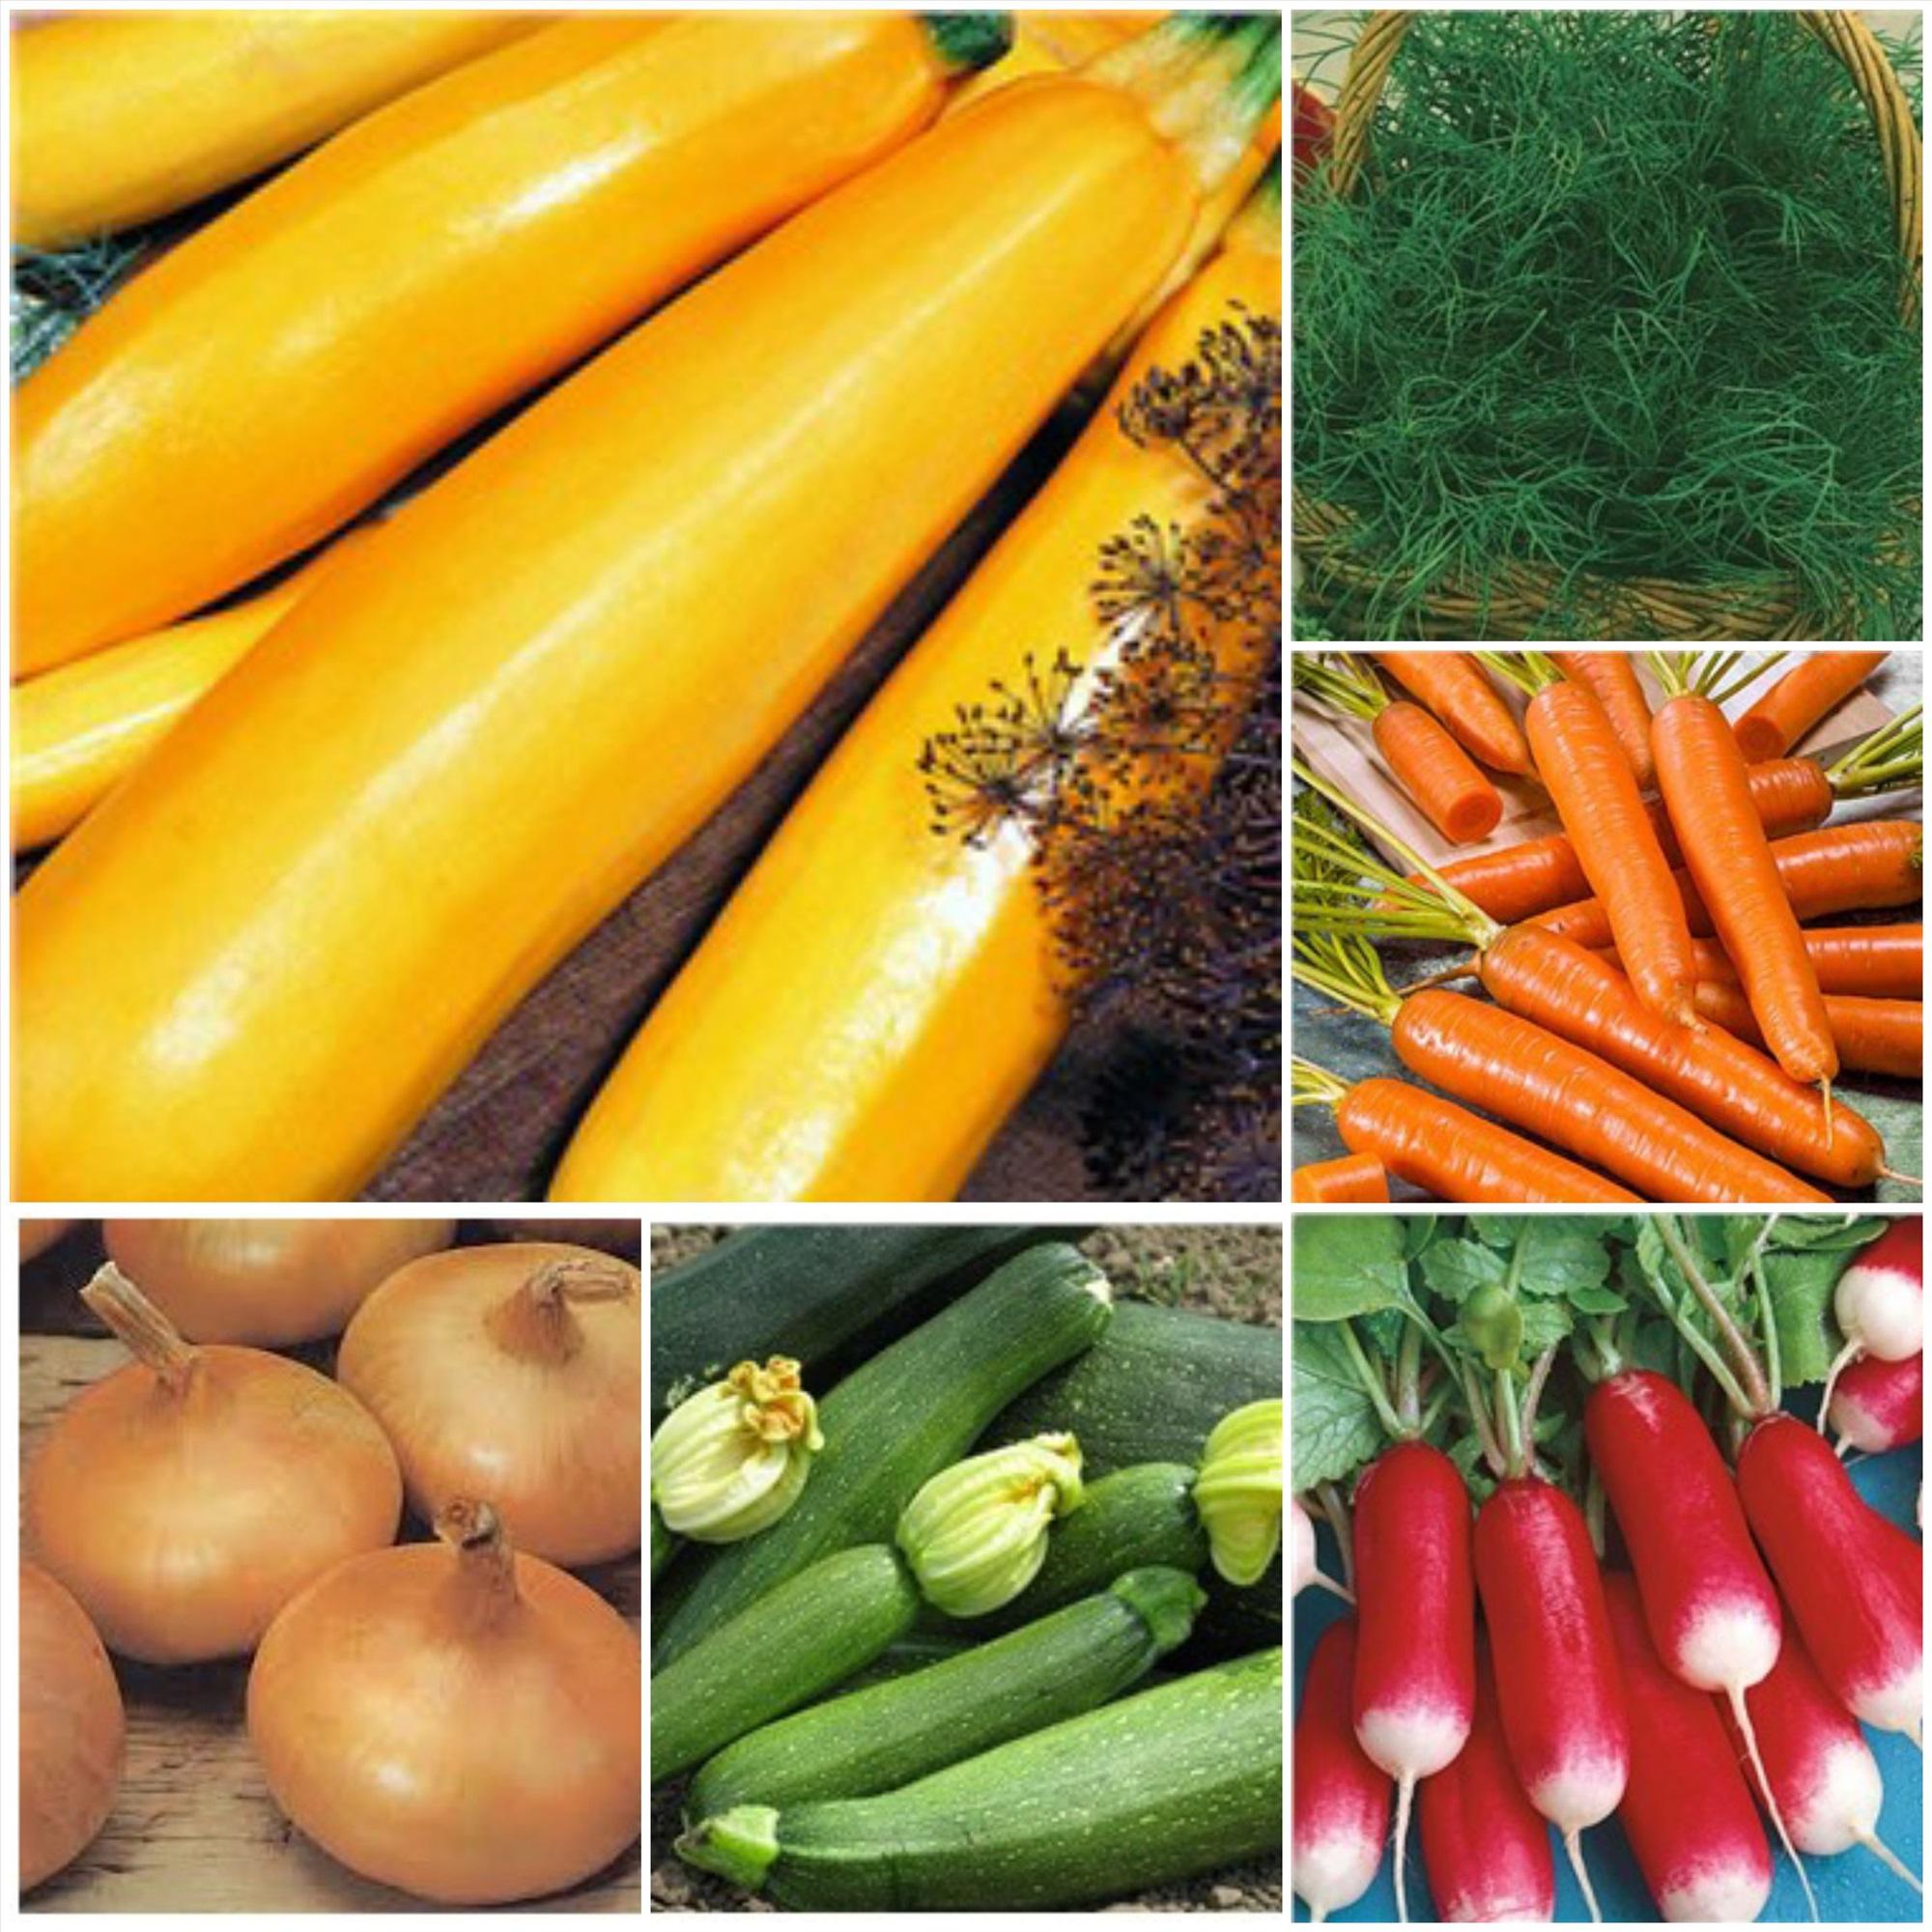 семена овощей и цветов фото как-то